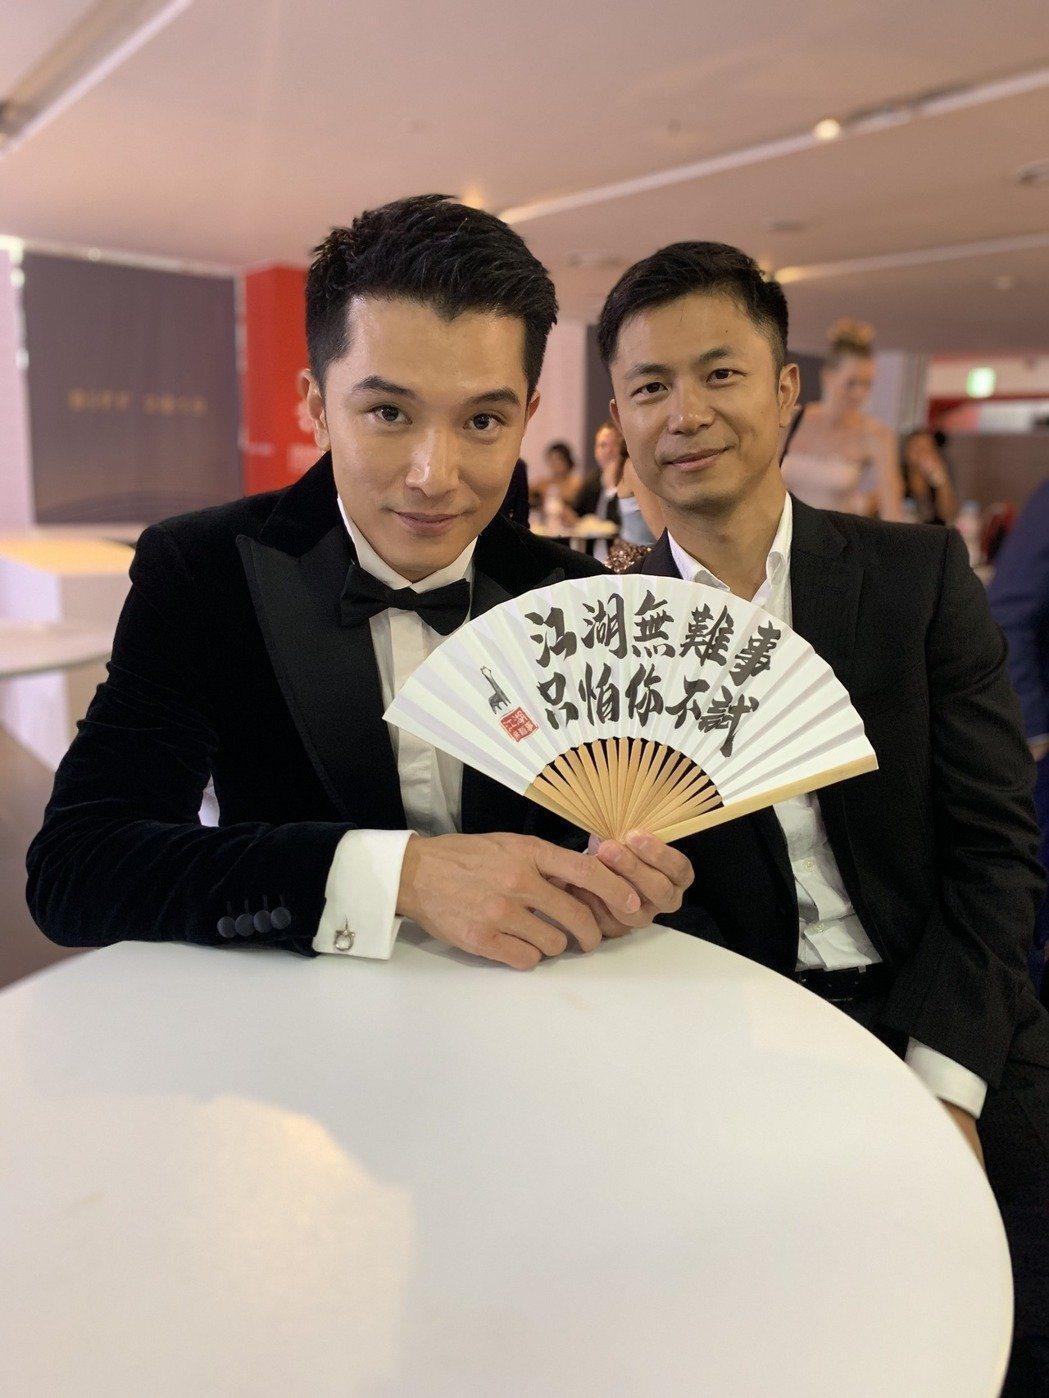 邱澤與「江湖無難事」導演高炳權,出席釜山影展。圖/華映提供